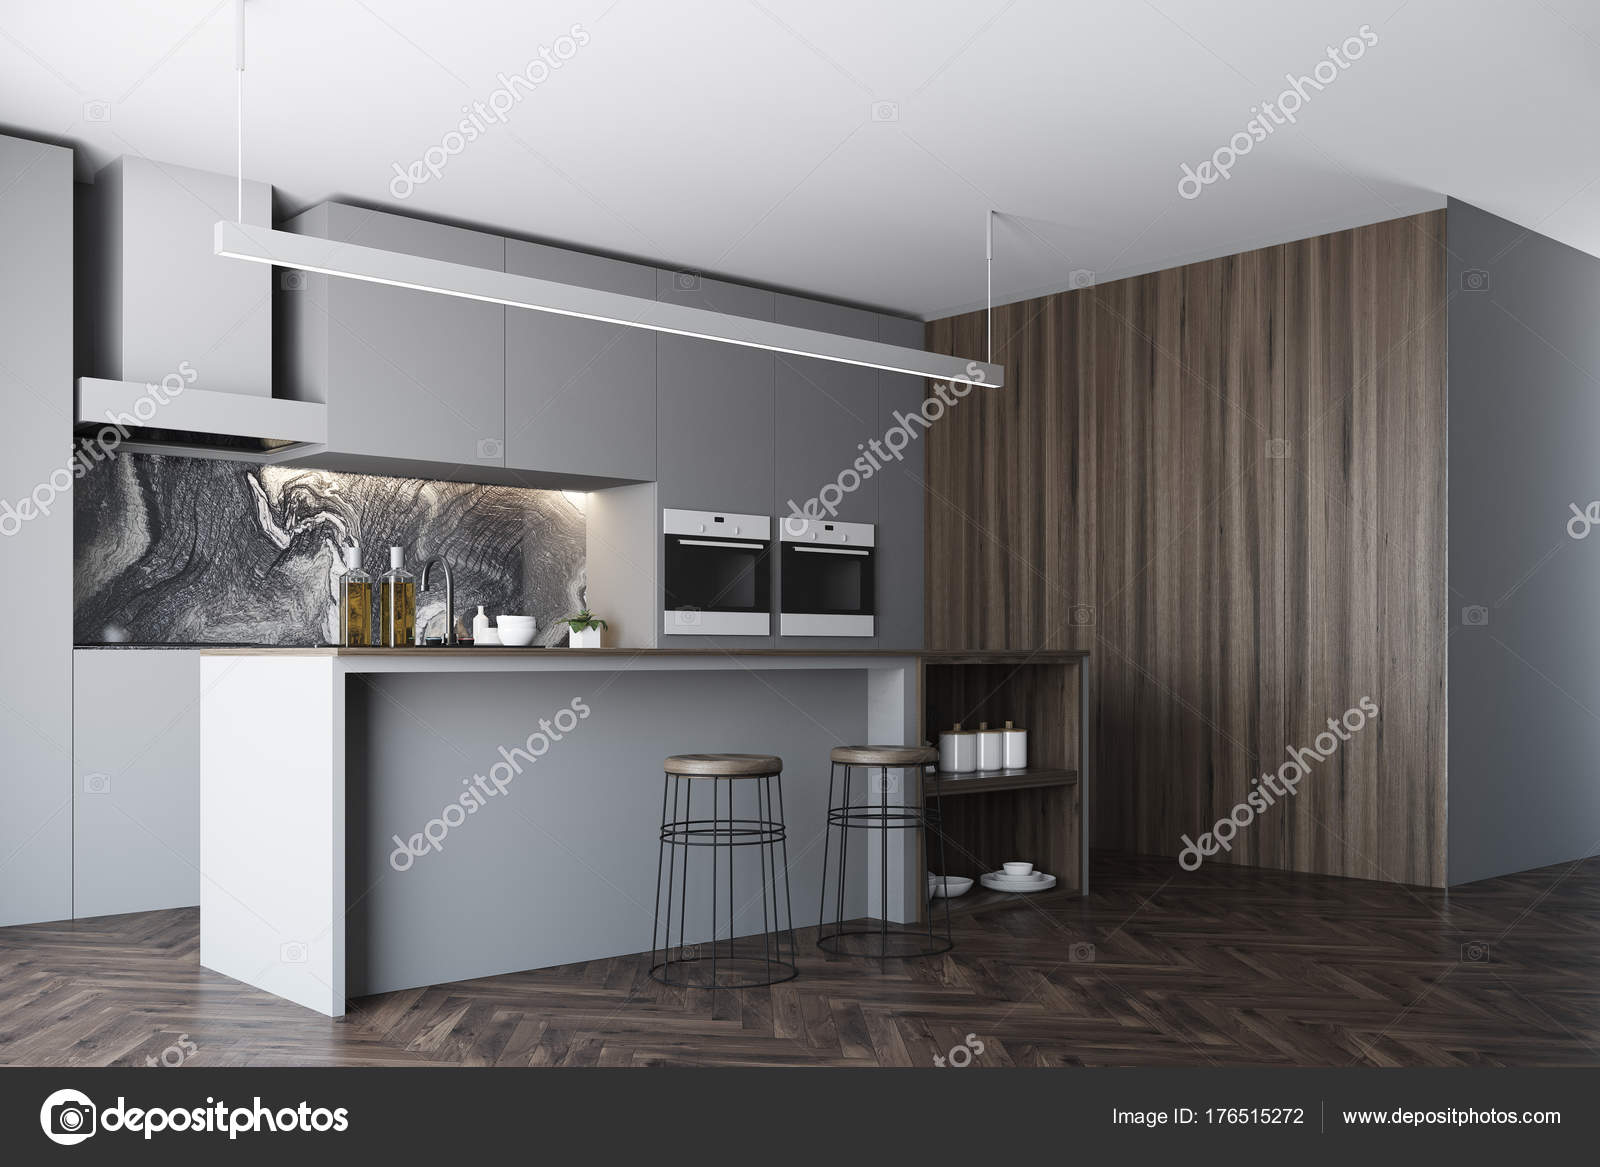 Lato cucina, bar e finestra grigio scuro — Foto Stock ...